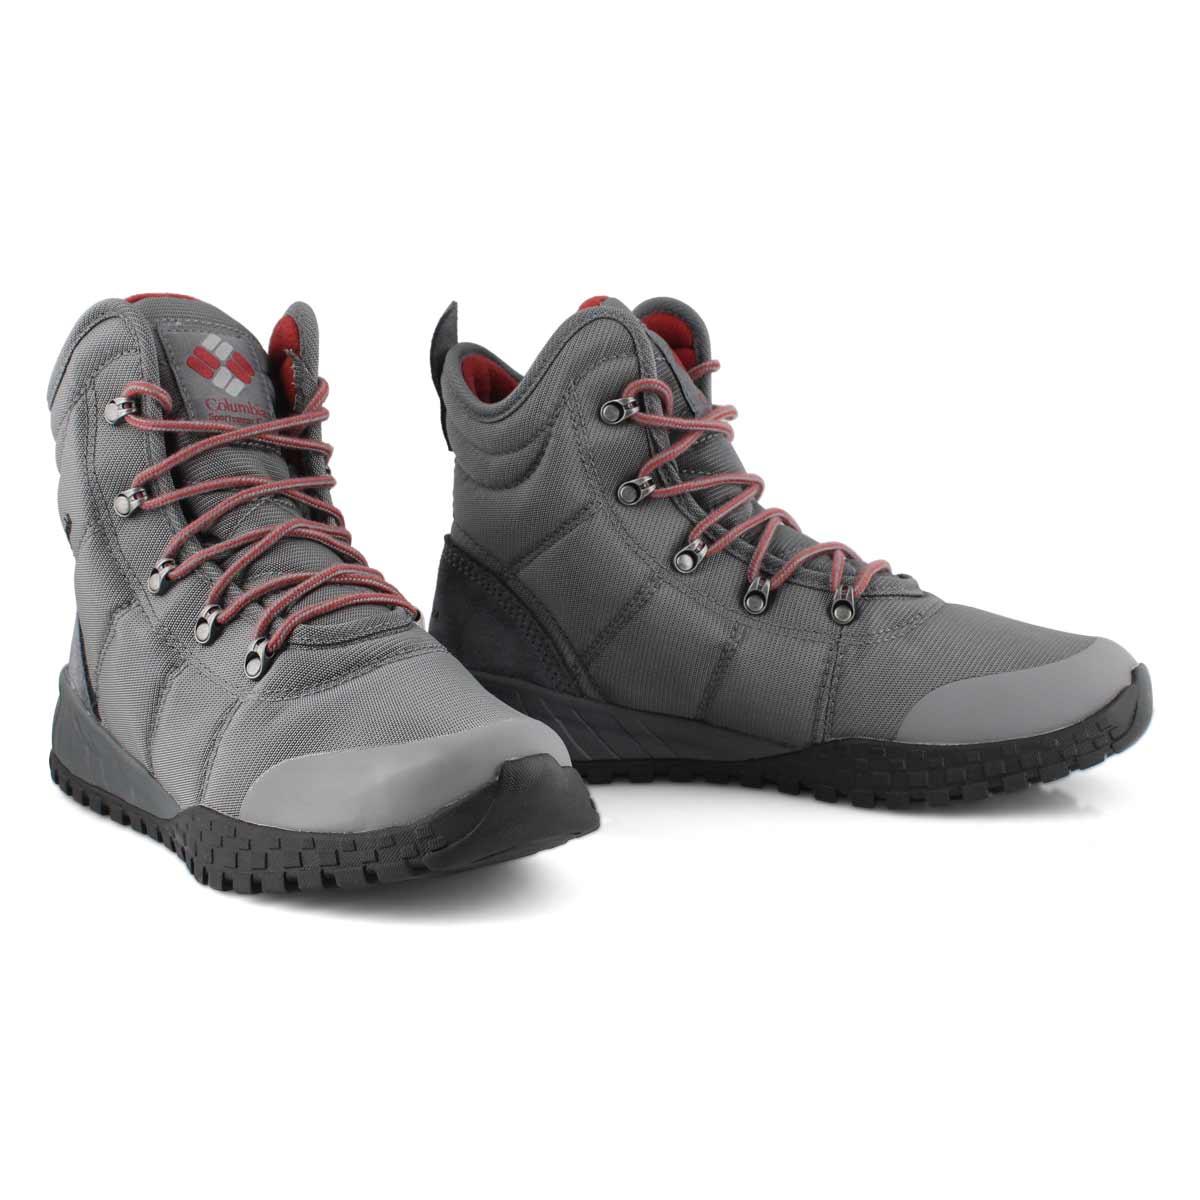 Men's Fairbanks OmniHeat Waterproof Boot - Grey